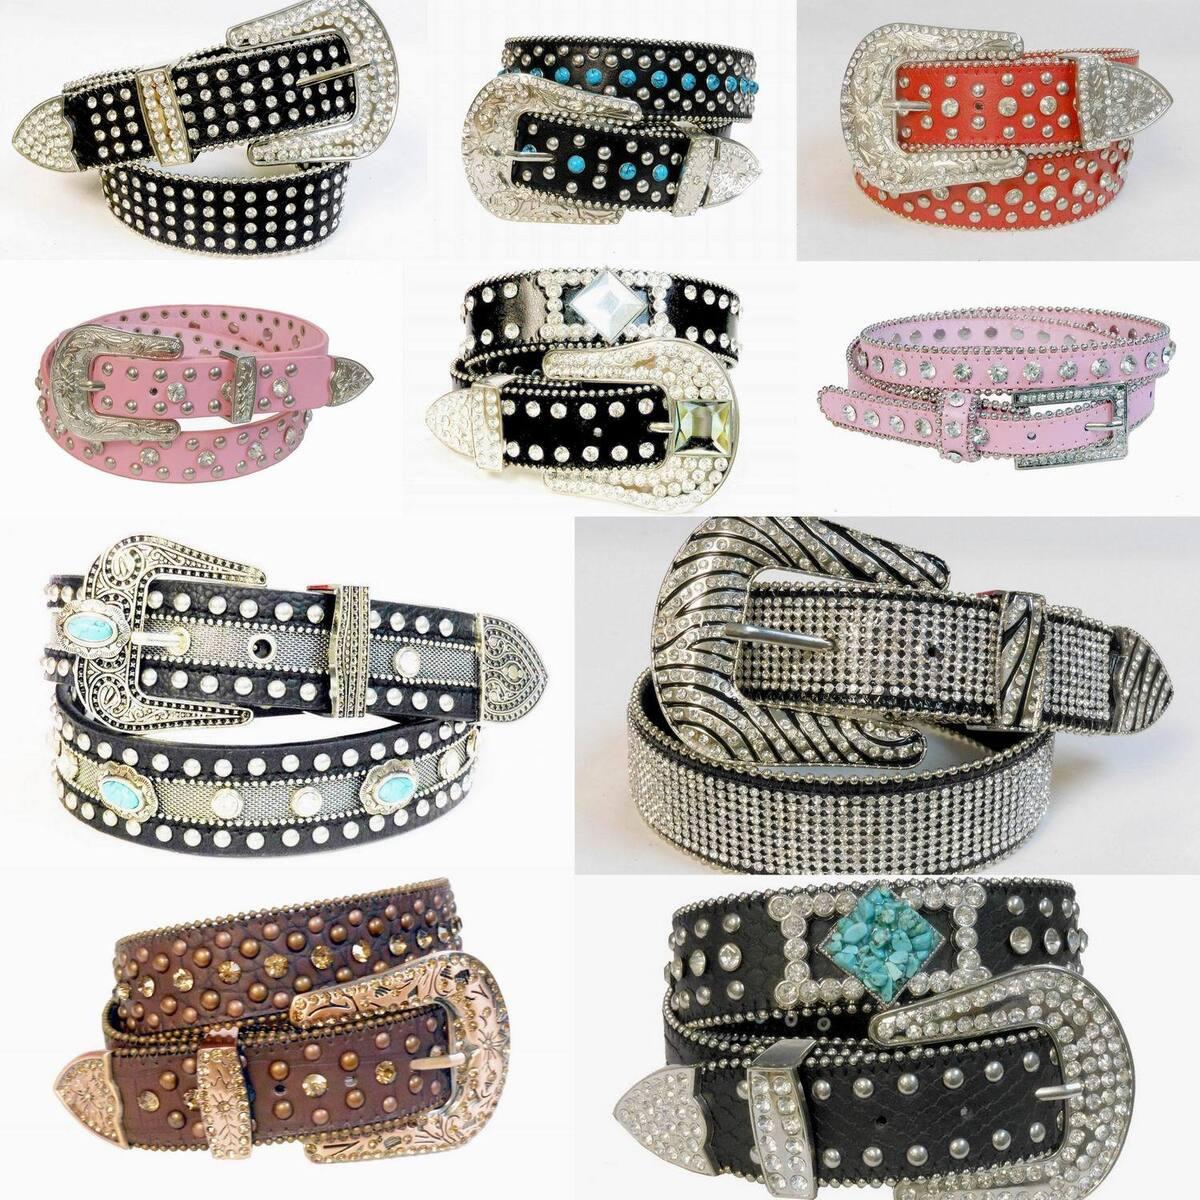 belts_n_jewelry